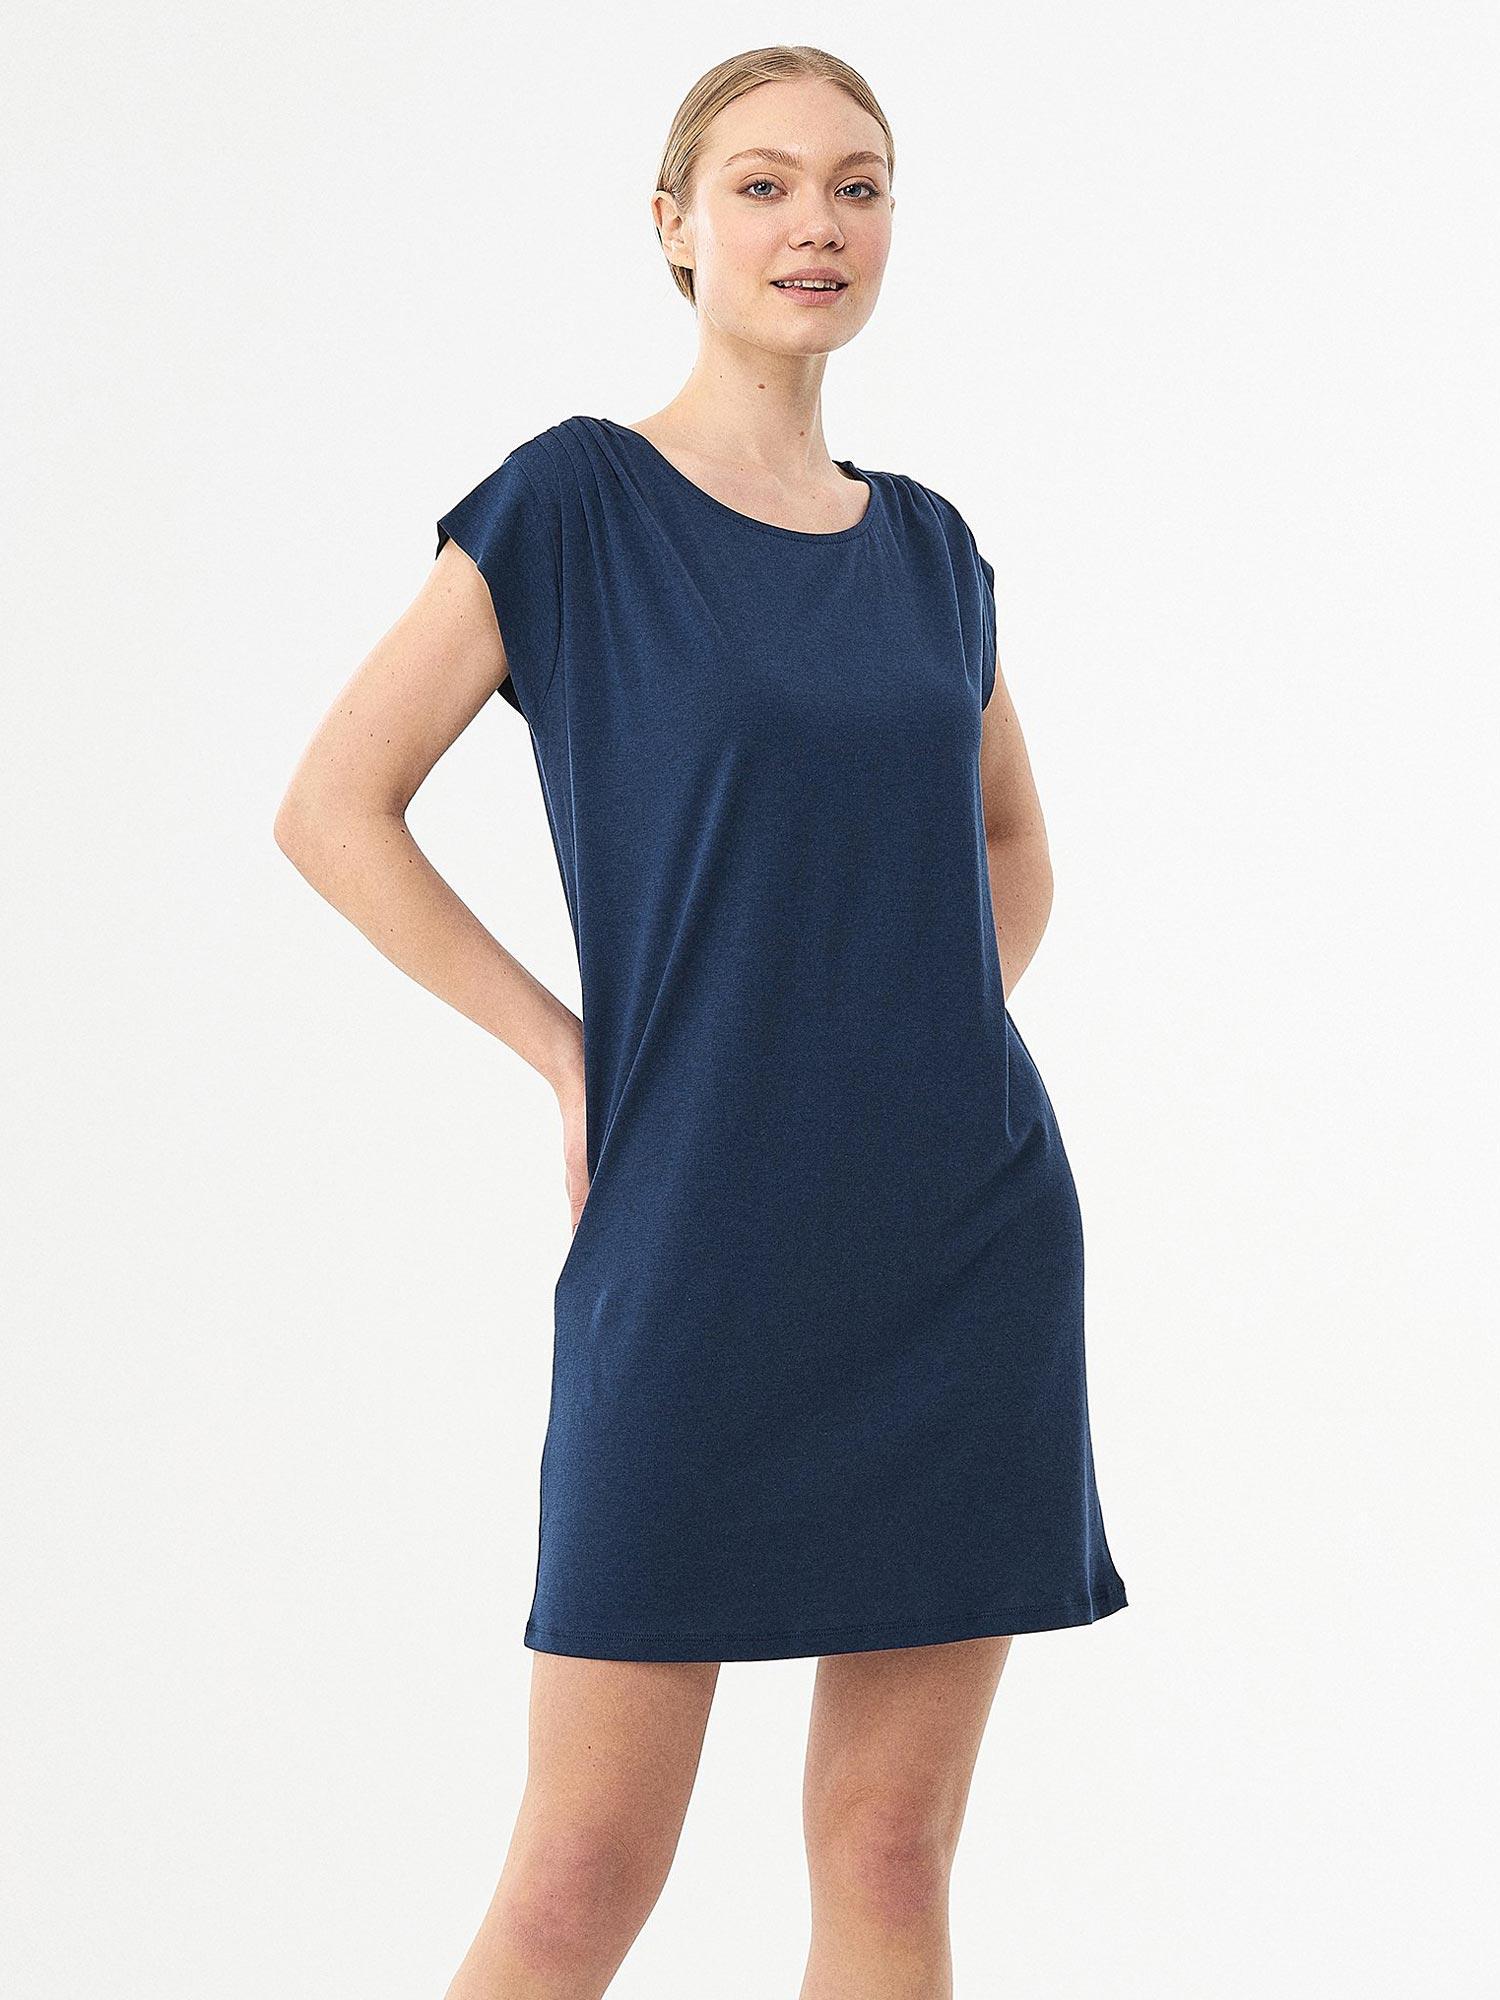 wor11651-Navy-Damenkleid-Tencel-Biobaumwolle-oekofair-nachhaltig-Schulterfalten-leicht-sommerlich